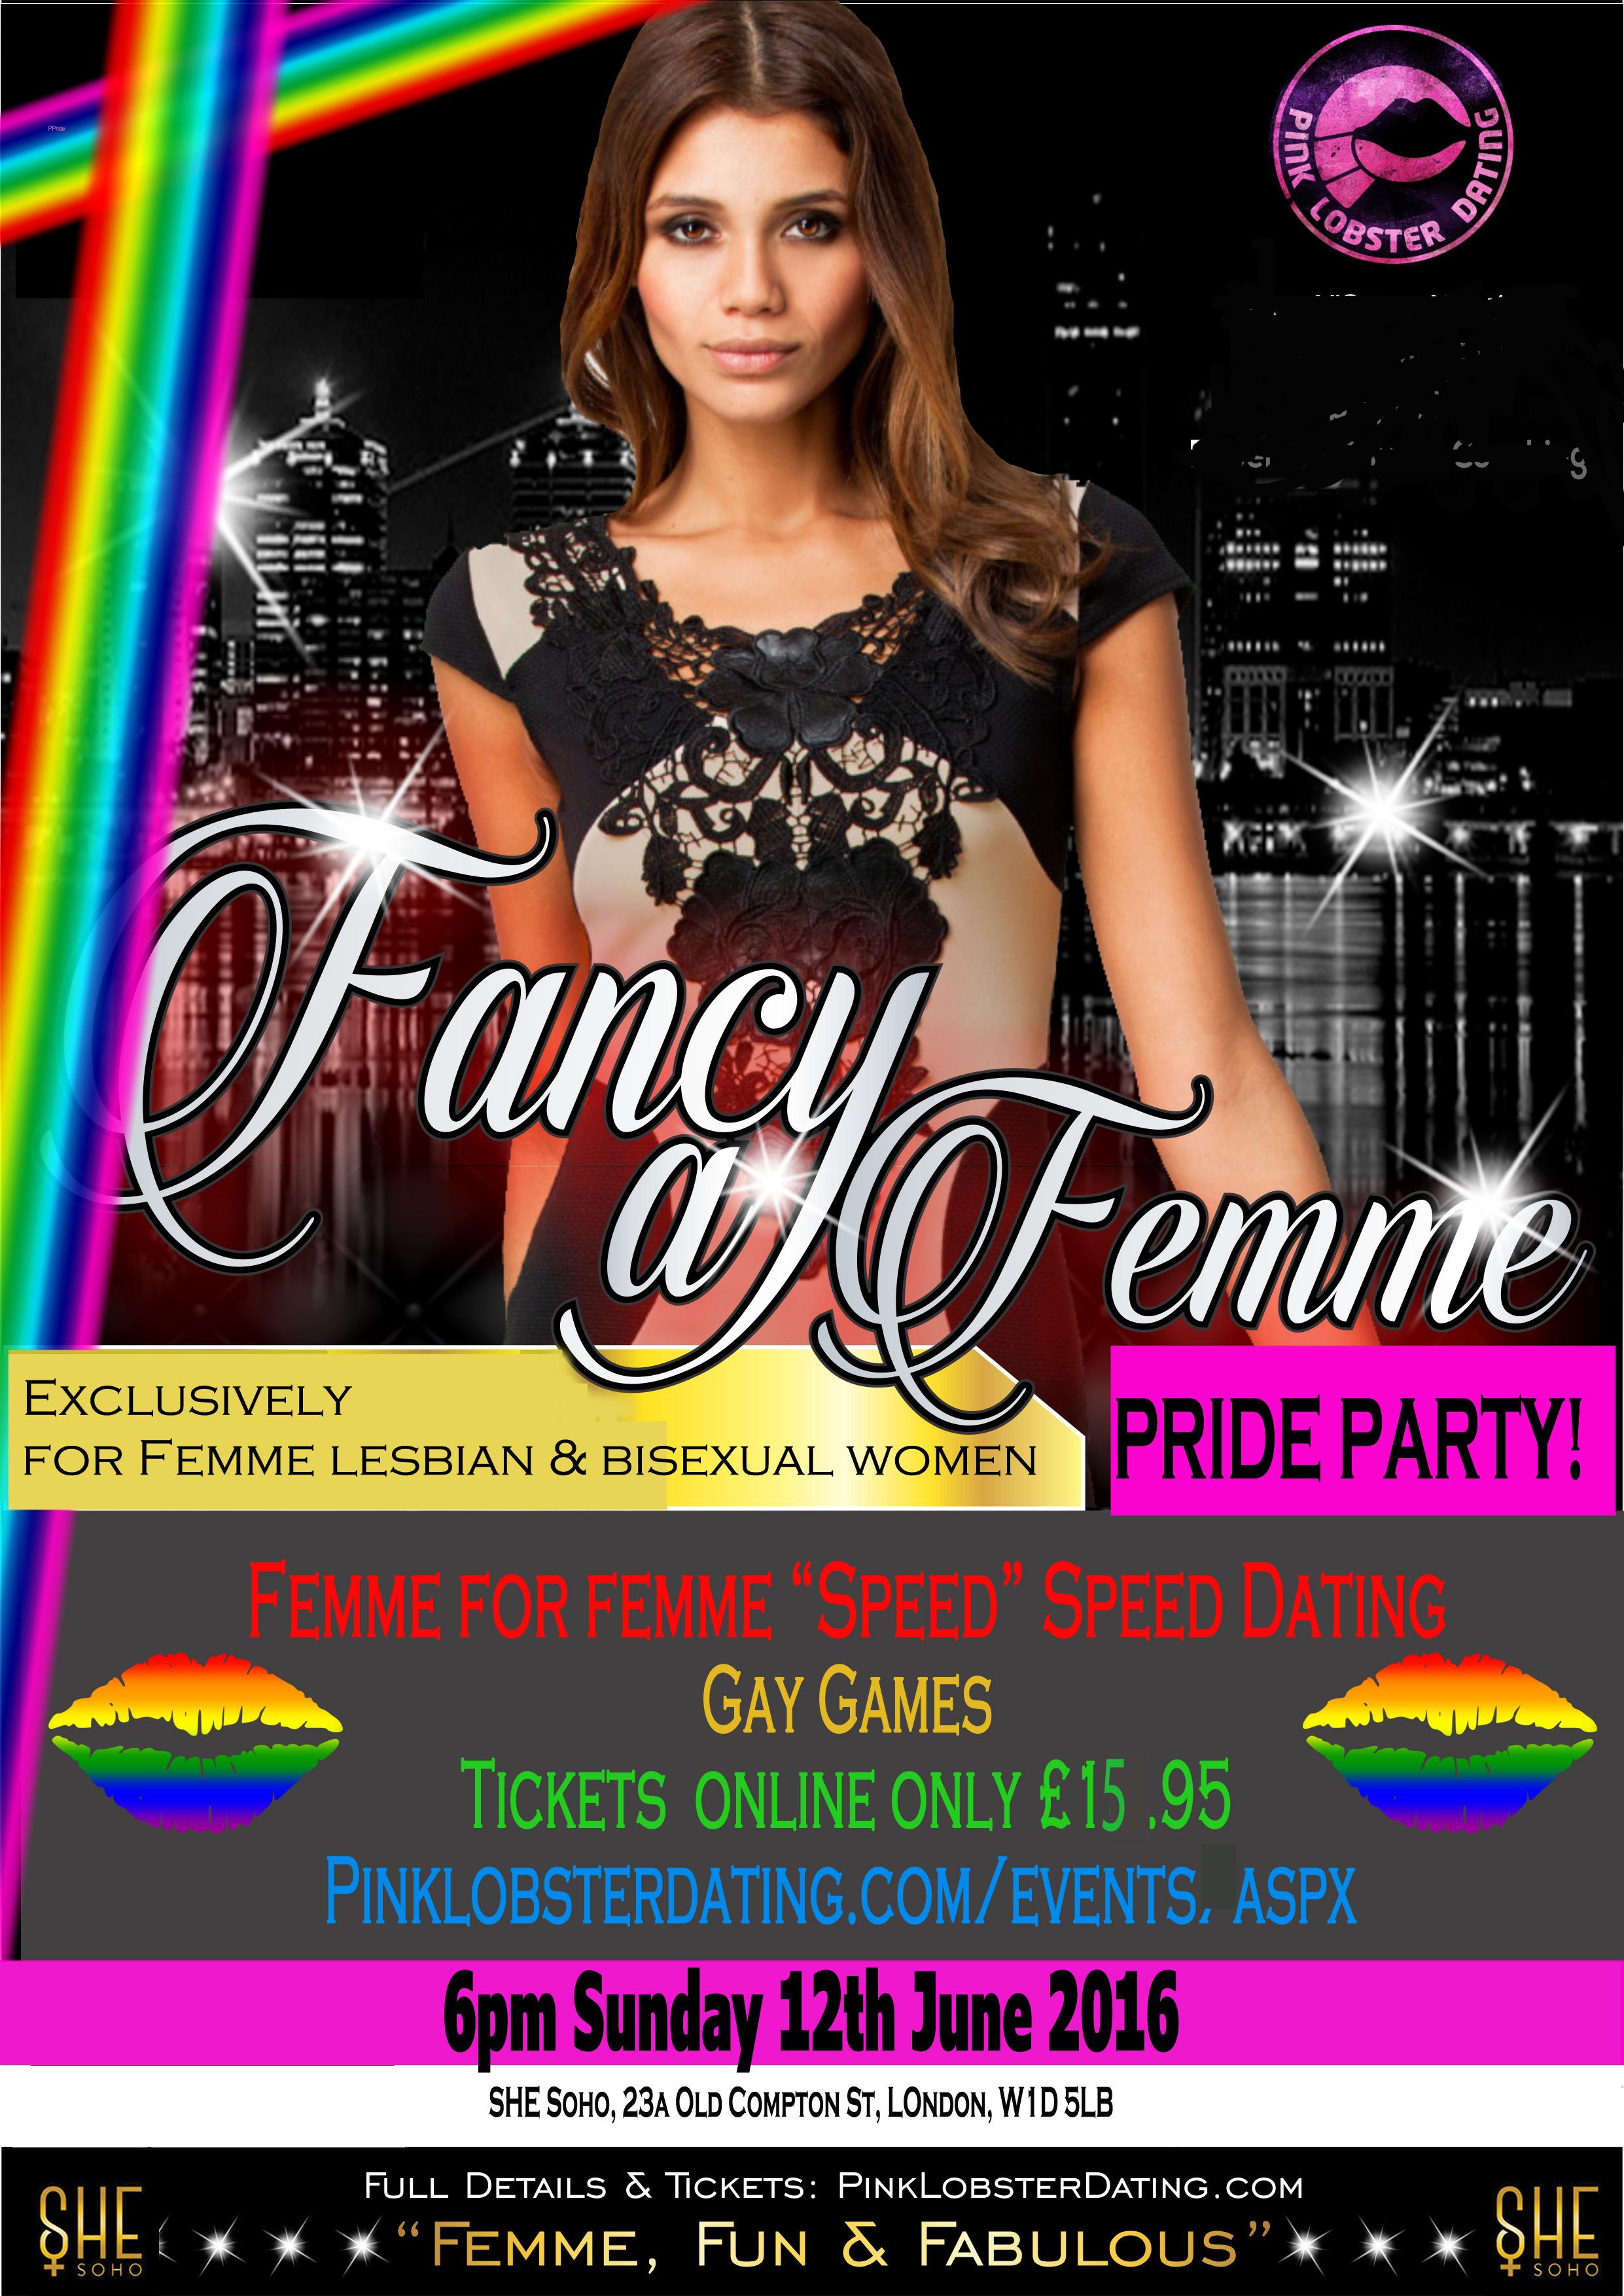 Femme Lesbian & Bi Pride Party June 12th 2016